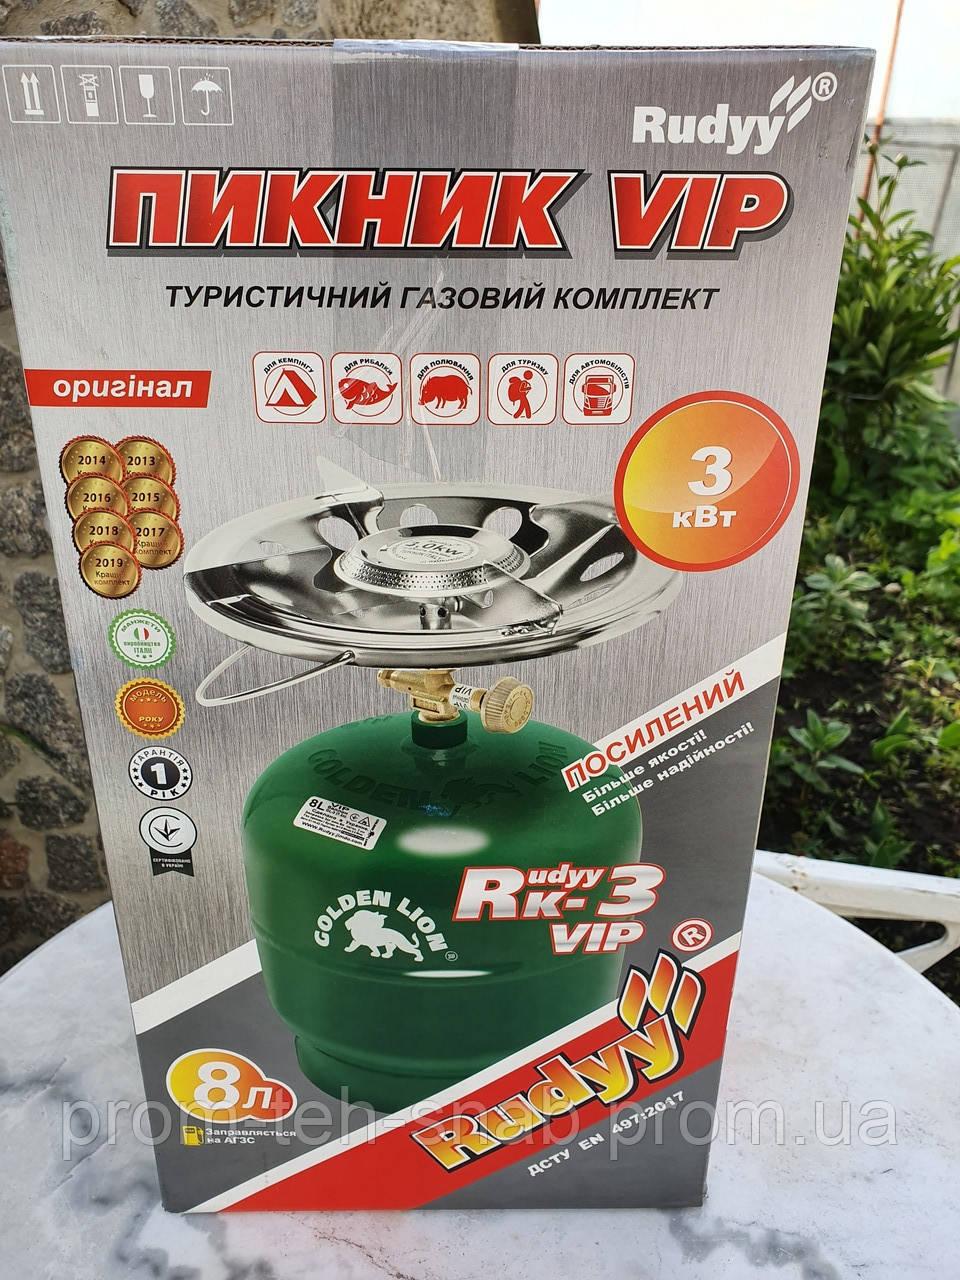 Газовий комплект Rudyy Пікнік Vip Rk-3 8л